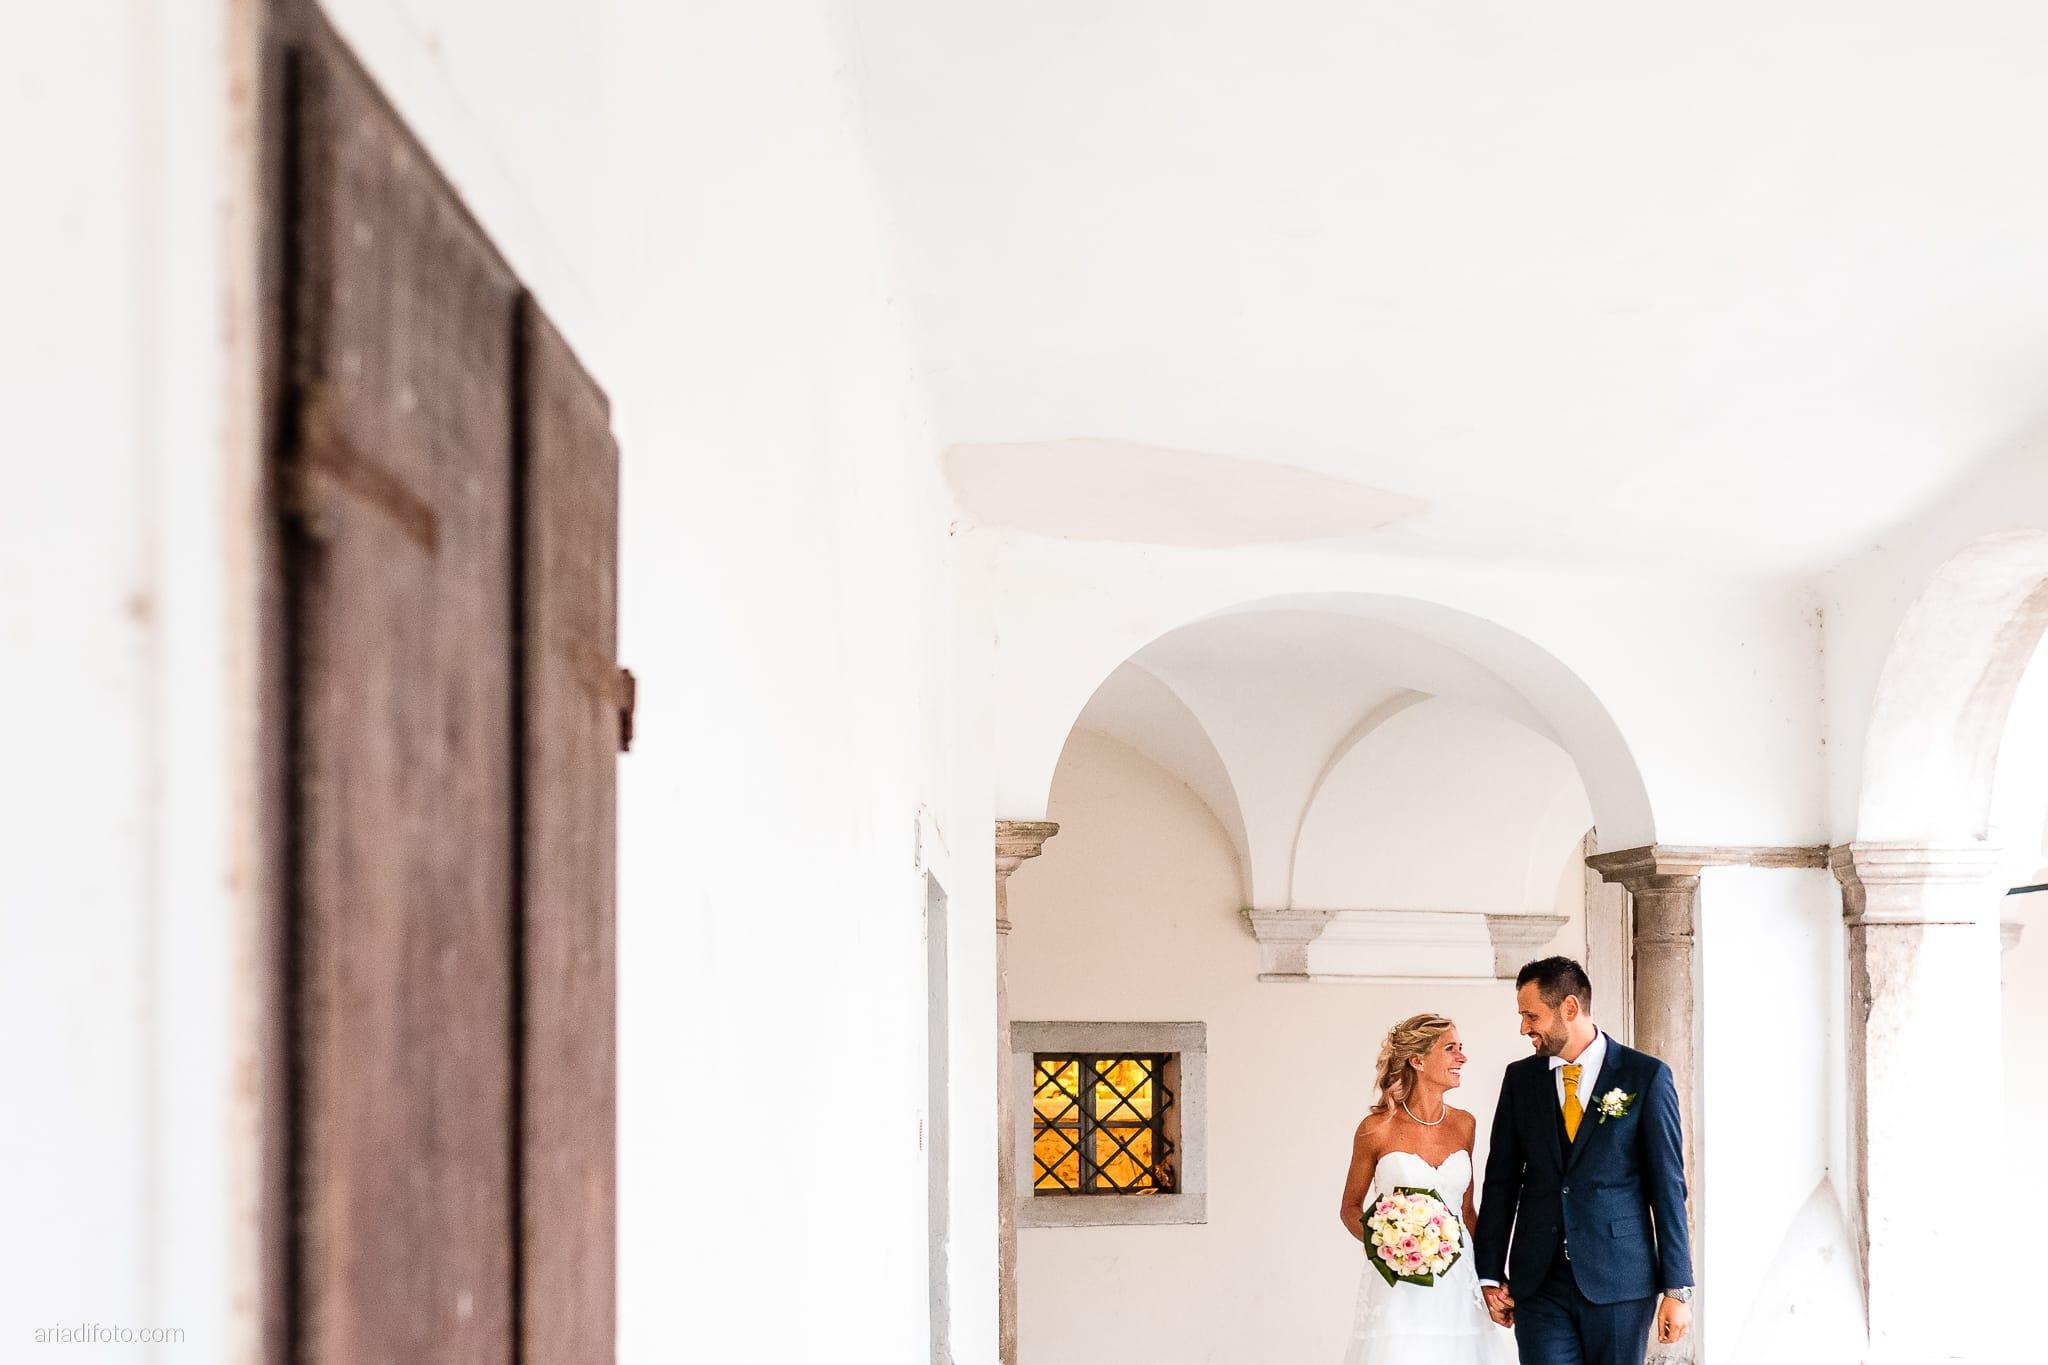 Nicoletta Pierfrancesco Matrimonio Gorizia Villa Attems Lucinico ritratti sposi Piazza Sant'Antonio